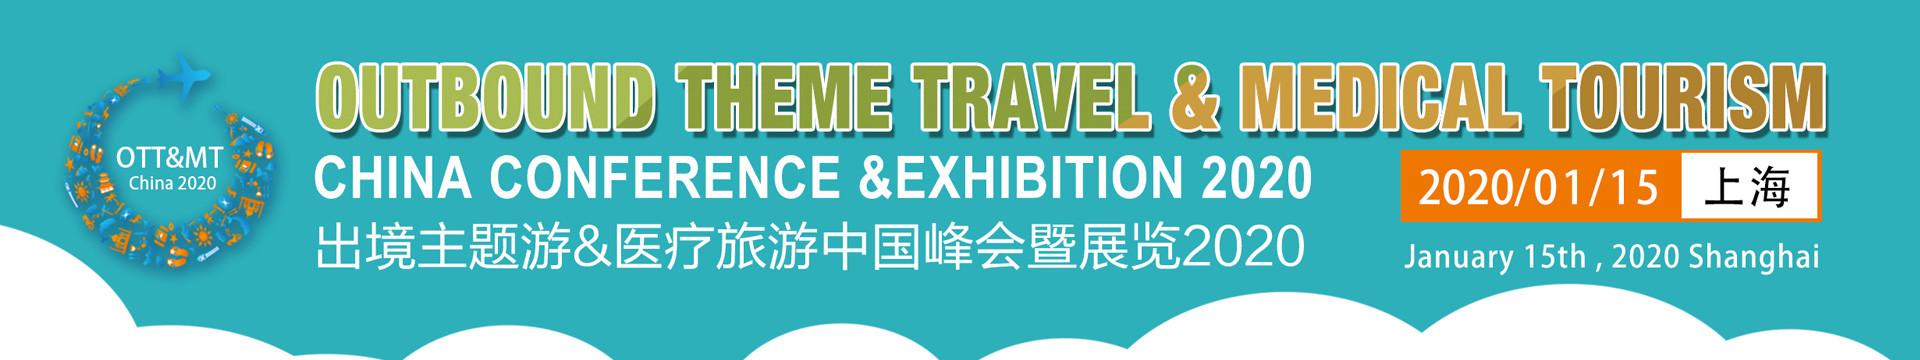 出境主題游&醫療旅游中國峰會暨展覽2020(上海)